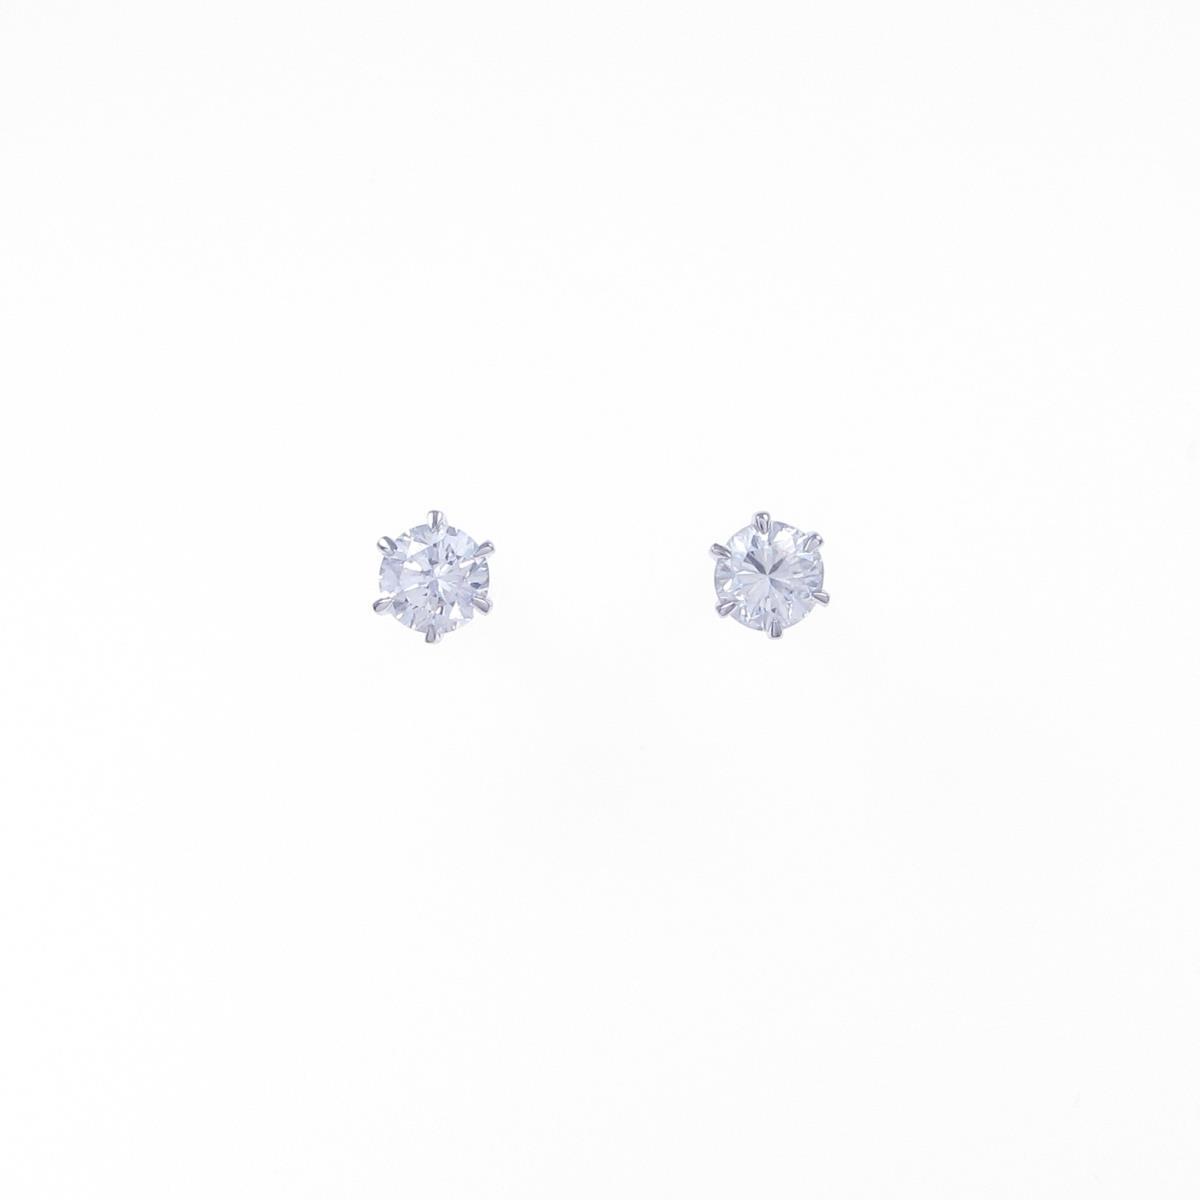 【リメイク】プラチナダイヤモンドピアス 0.208ct・0.209ct・F・SI1・GOOD-F【中古】